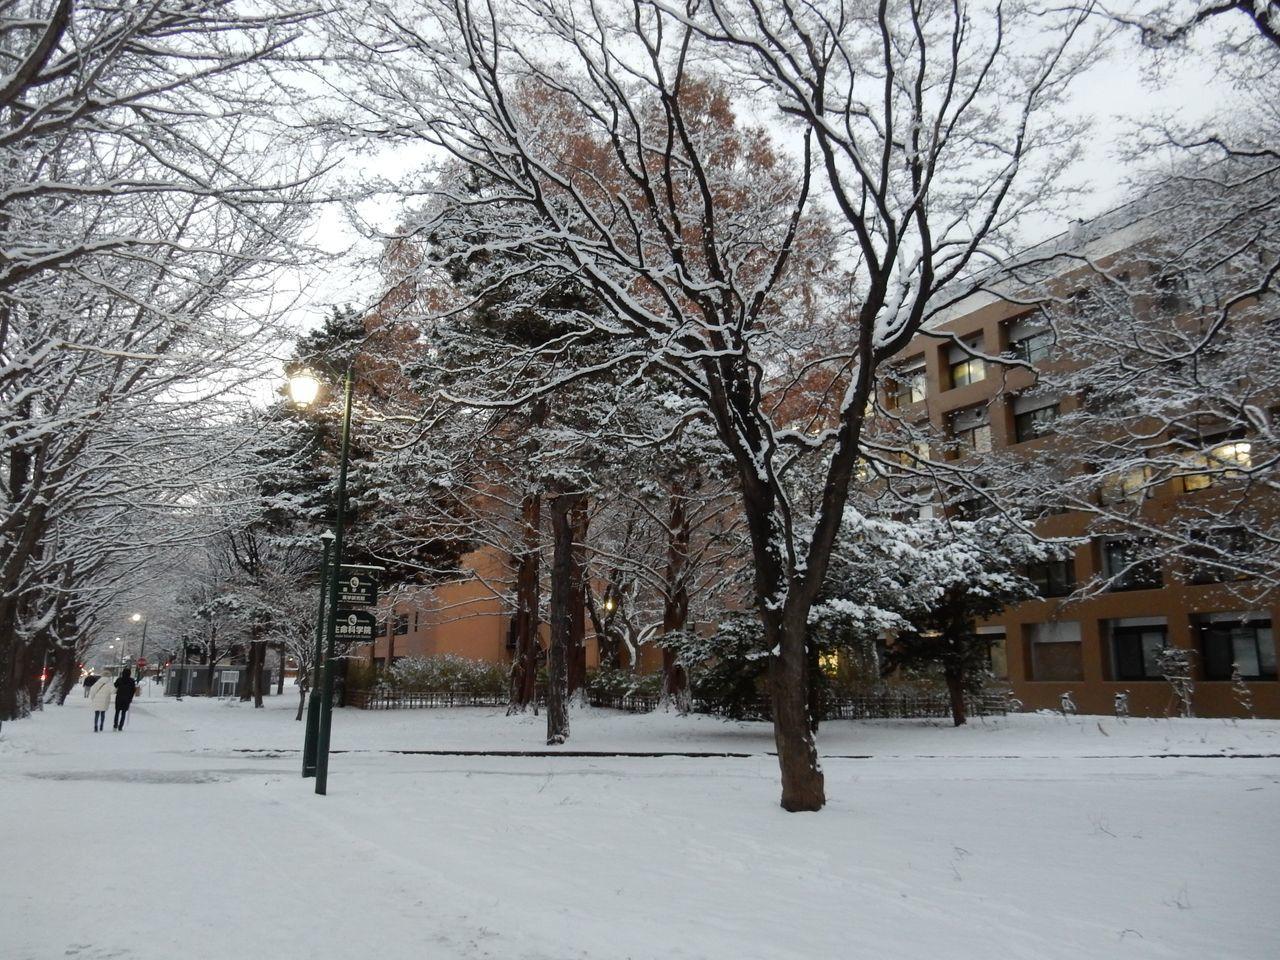 冬景色のキャンパス_c0025115_21443934.jpg